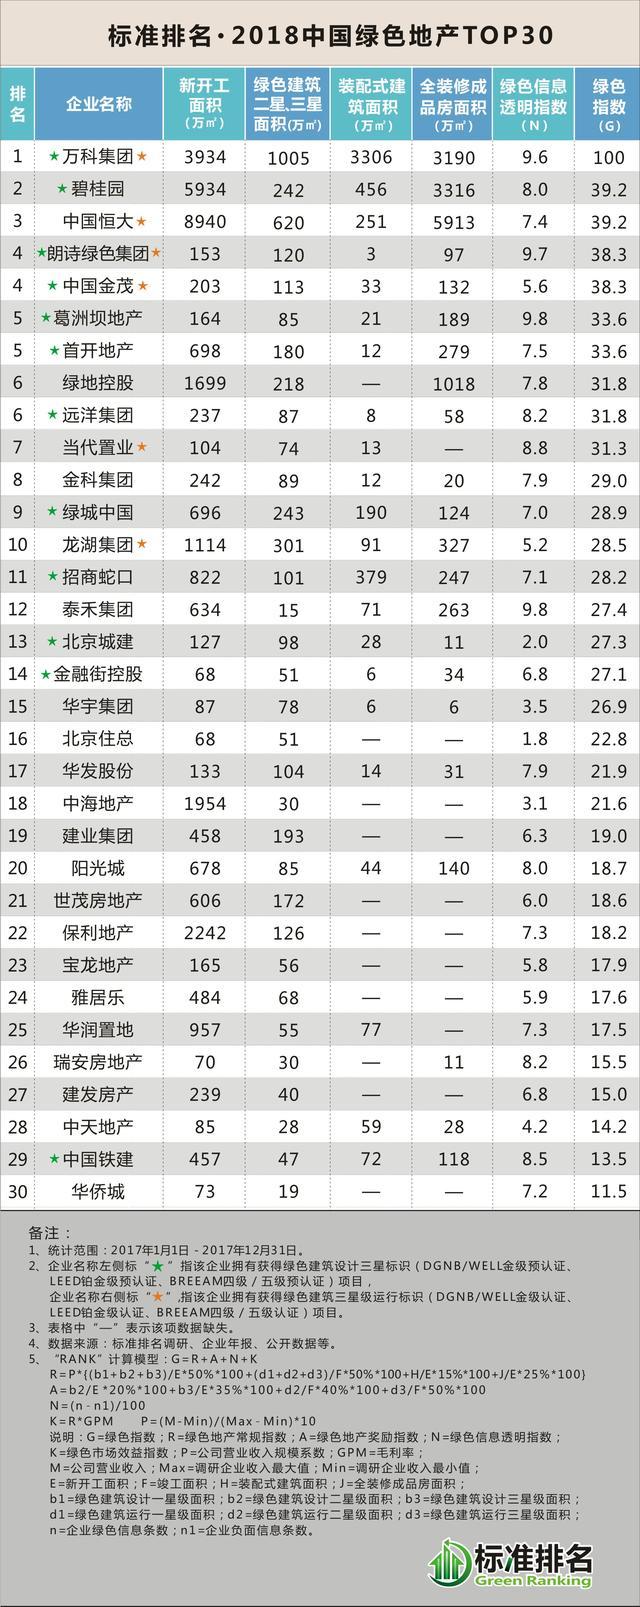 2018中国绿色地产TOP30发布,万科碧桂园恒大领跑!